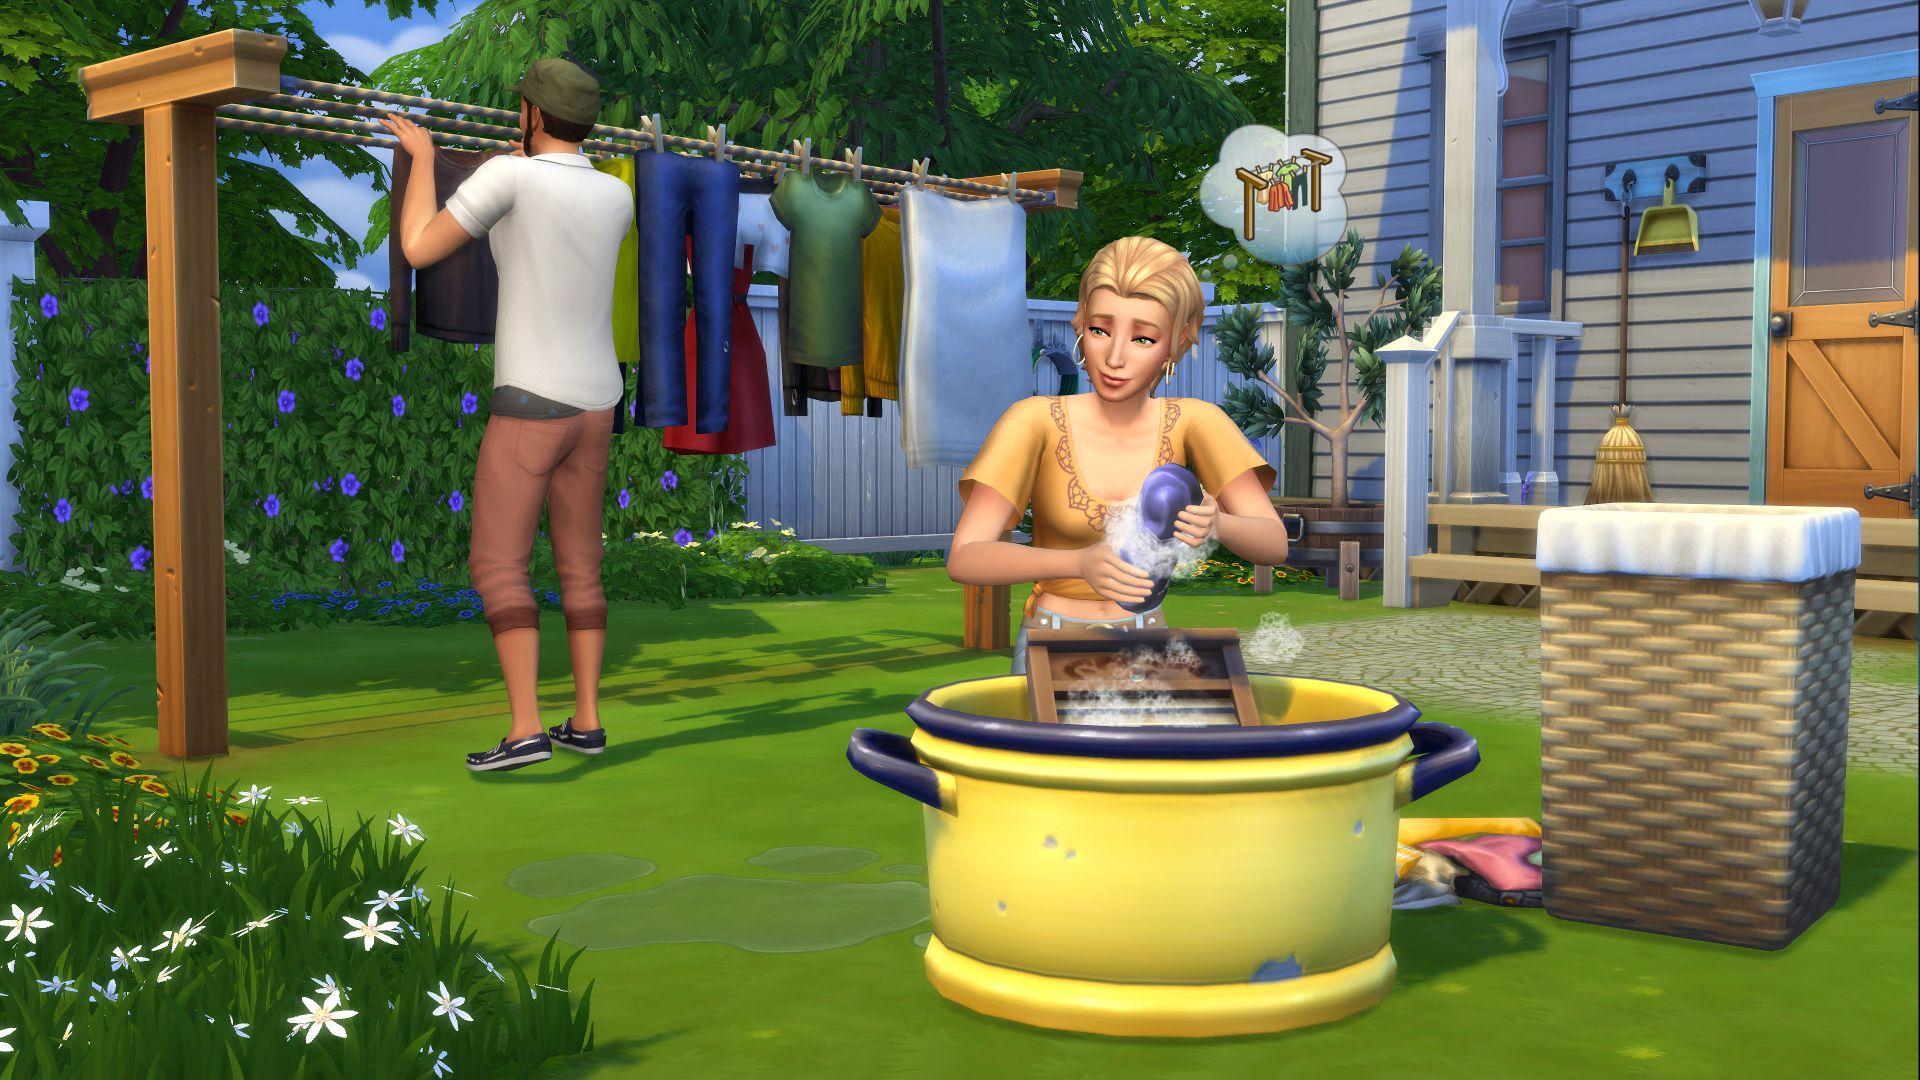 [Origin Access] Die Sims 4 - Waschtag DLC (PC Mac)